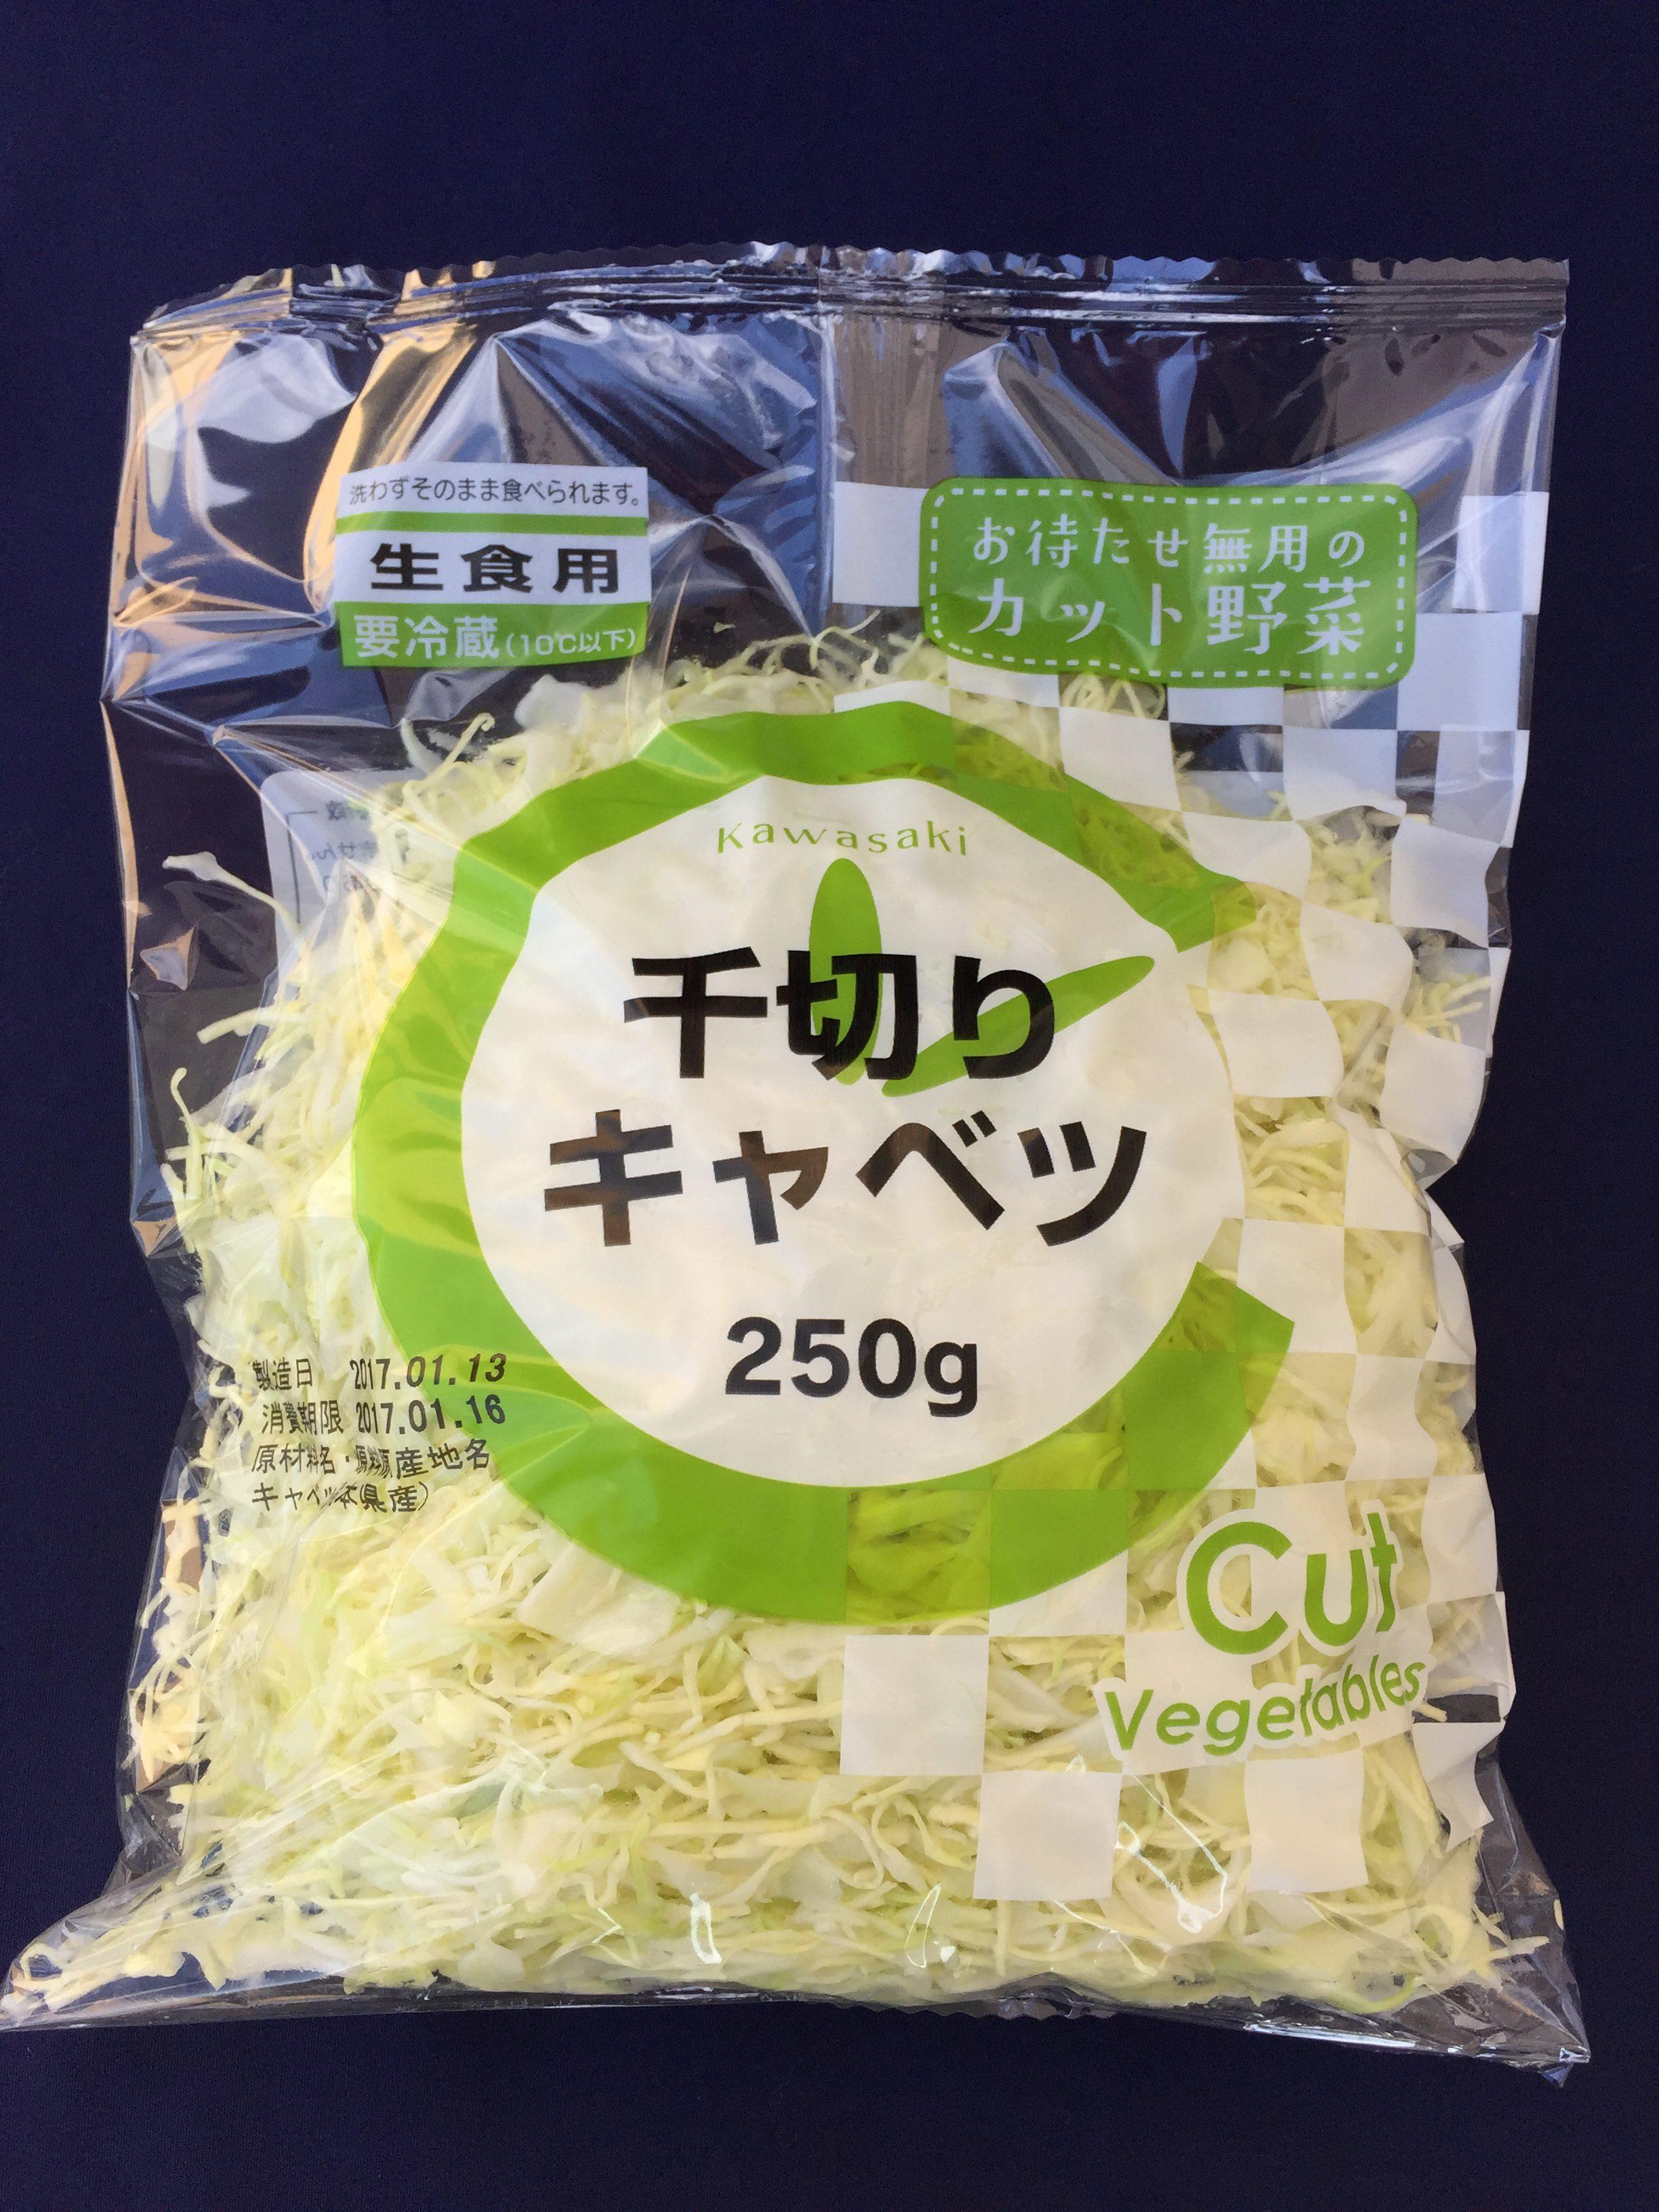 千切りキャベツ(250g・キャベツ)